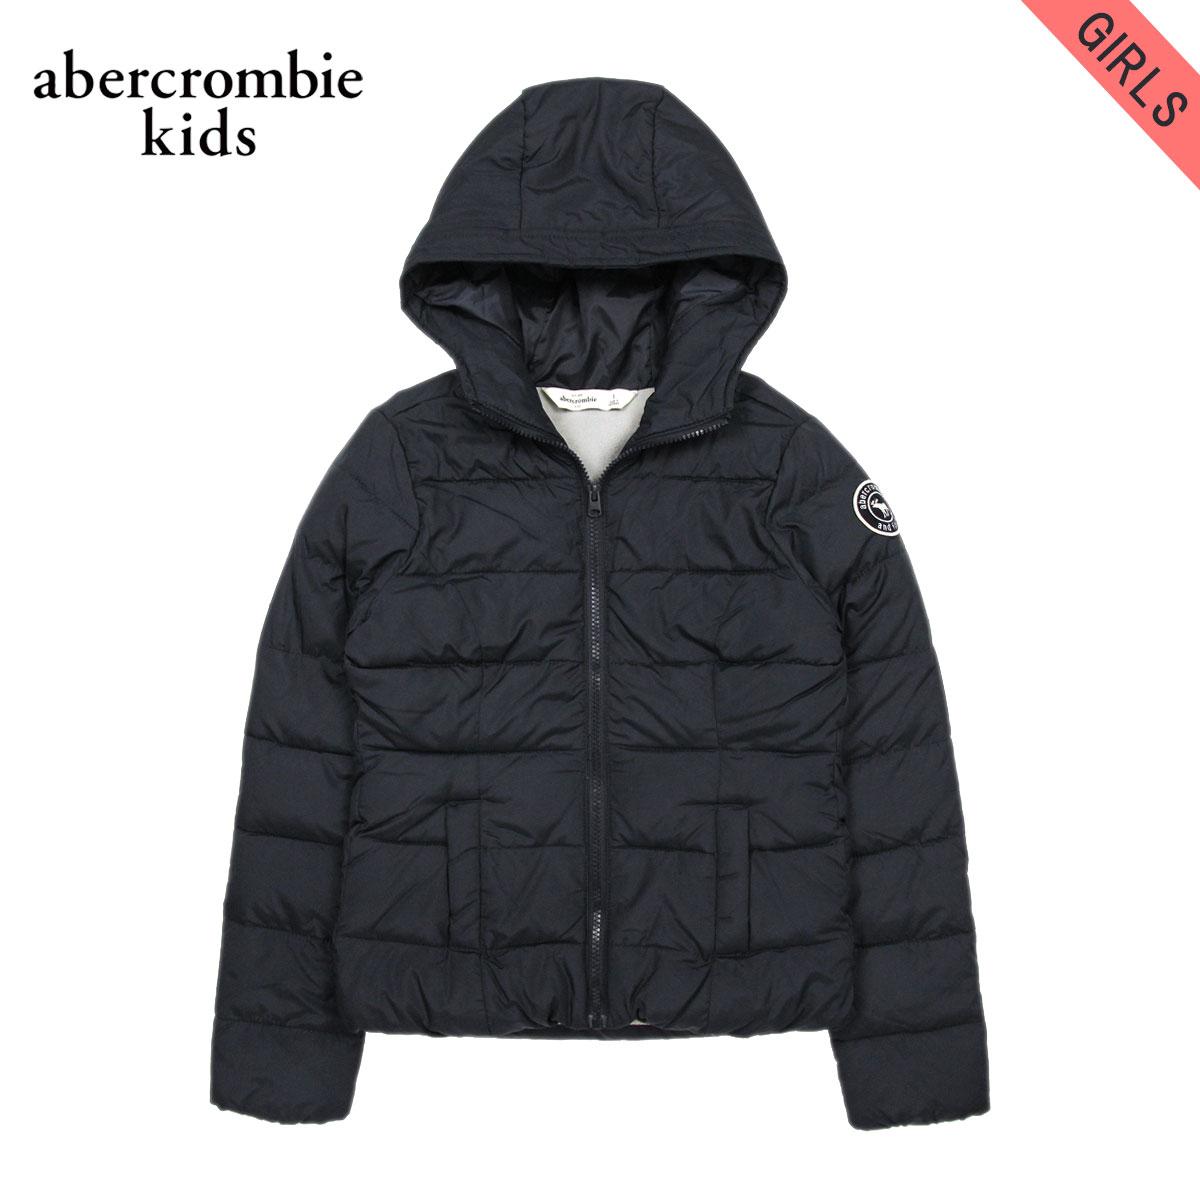 アバクロキッズ AbercrombieKids 正規品 子供服 ガールズ アウタージャケット fleece lined puffer jacket 244-856-0113-023 D20S30